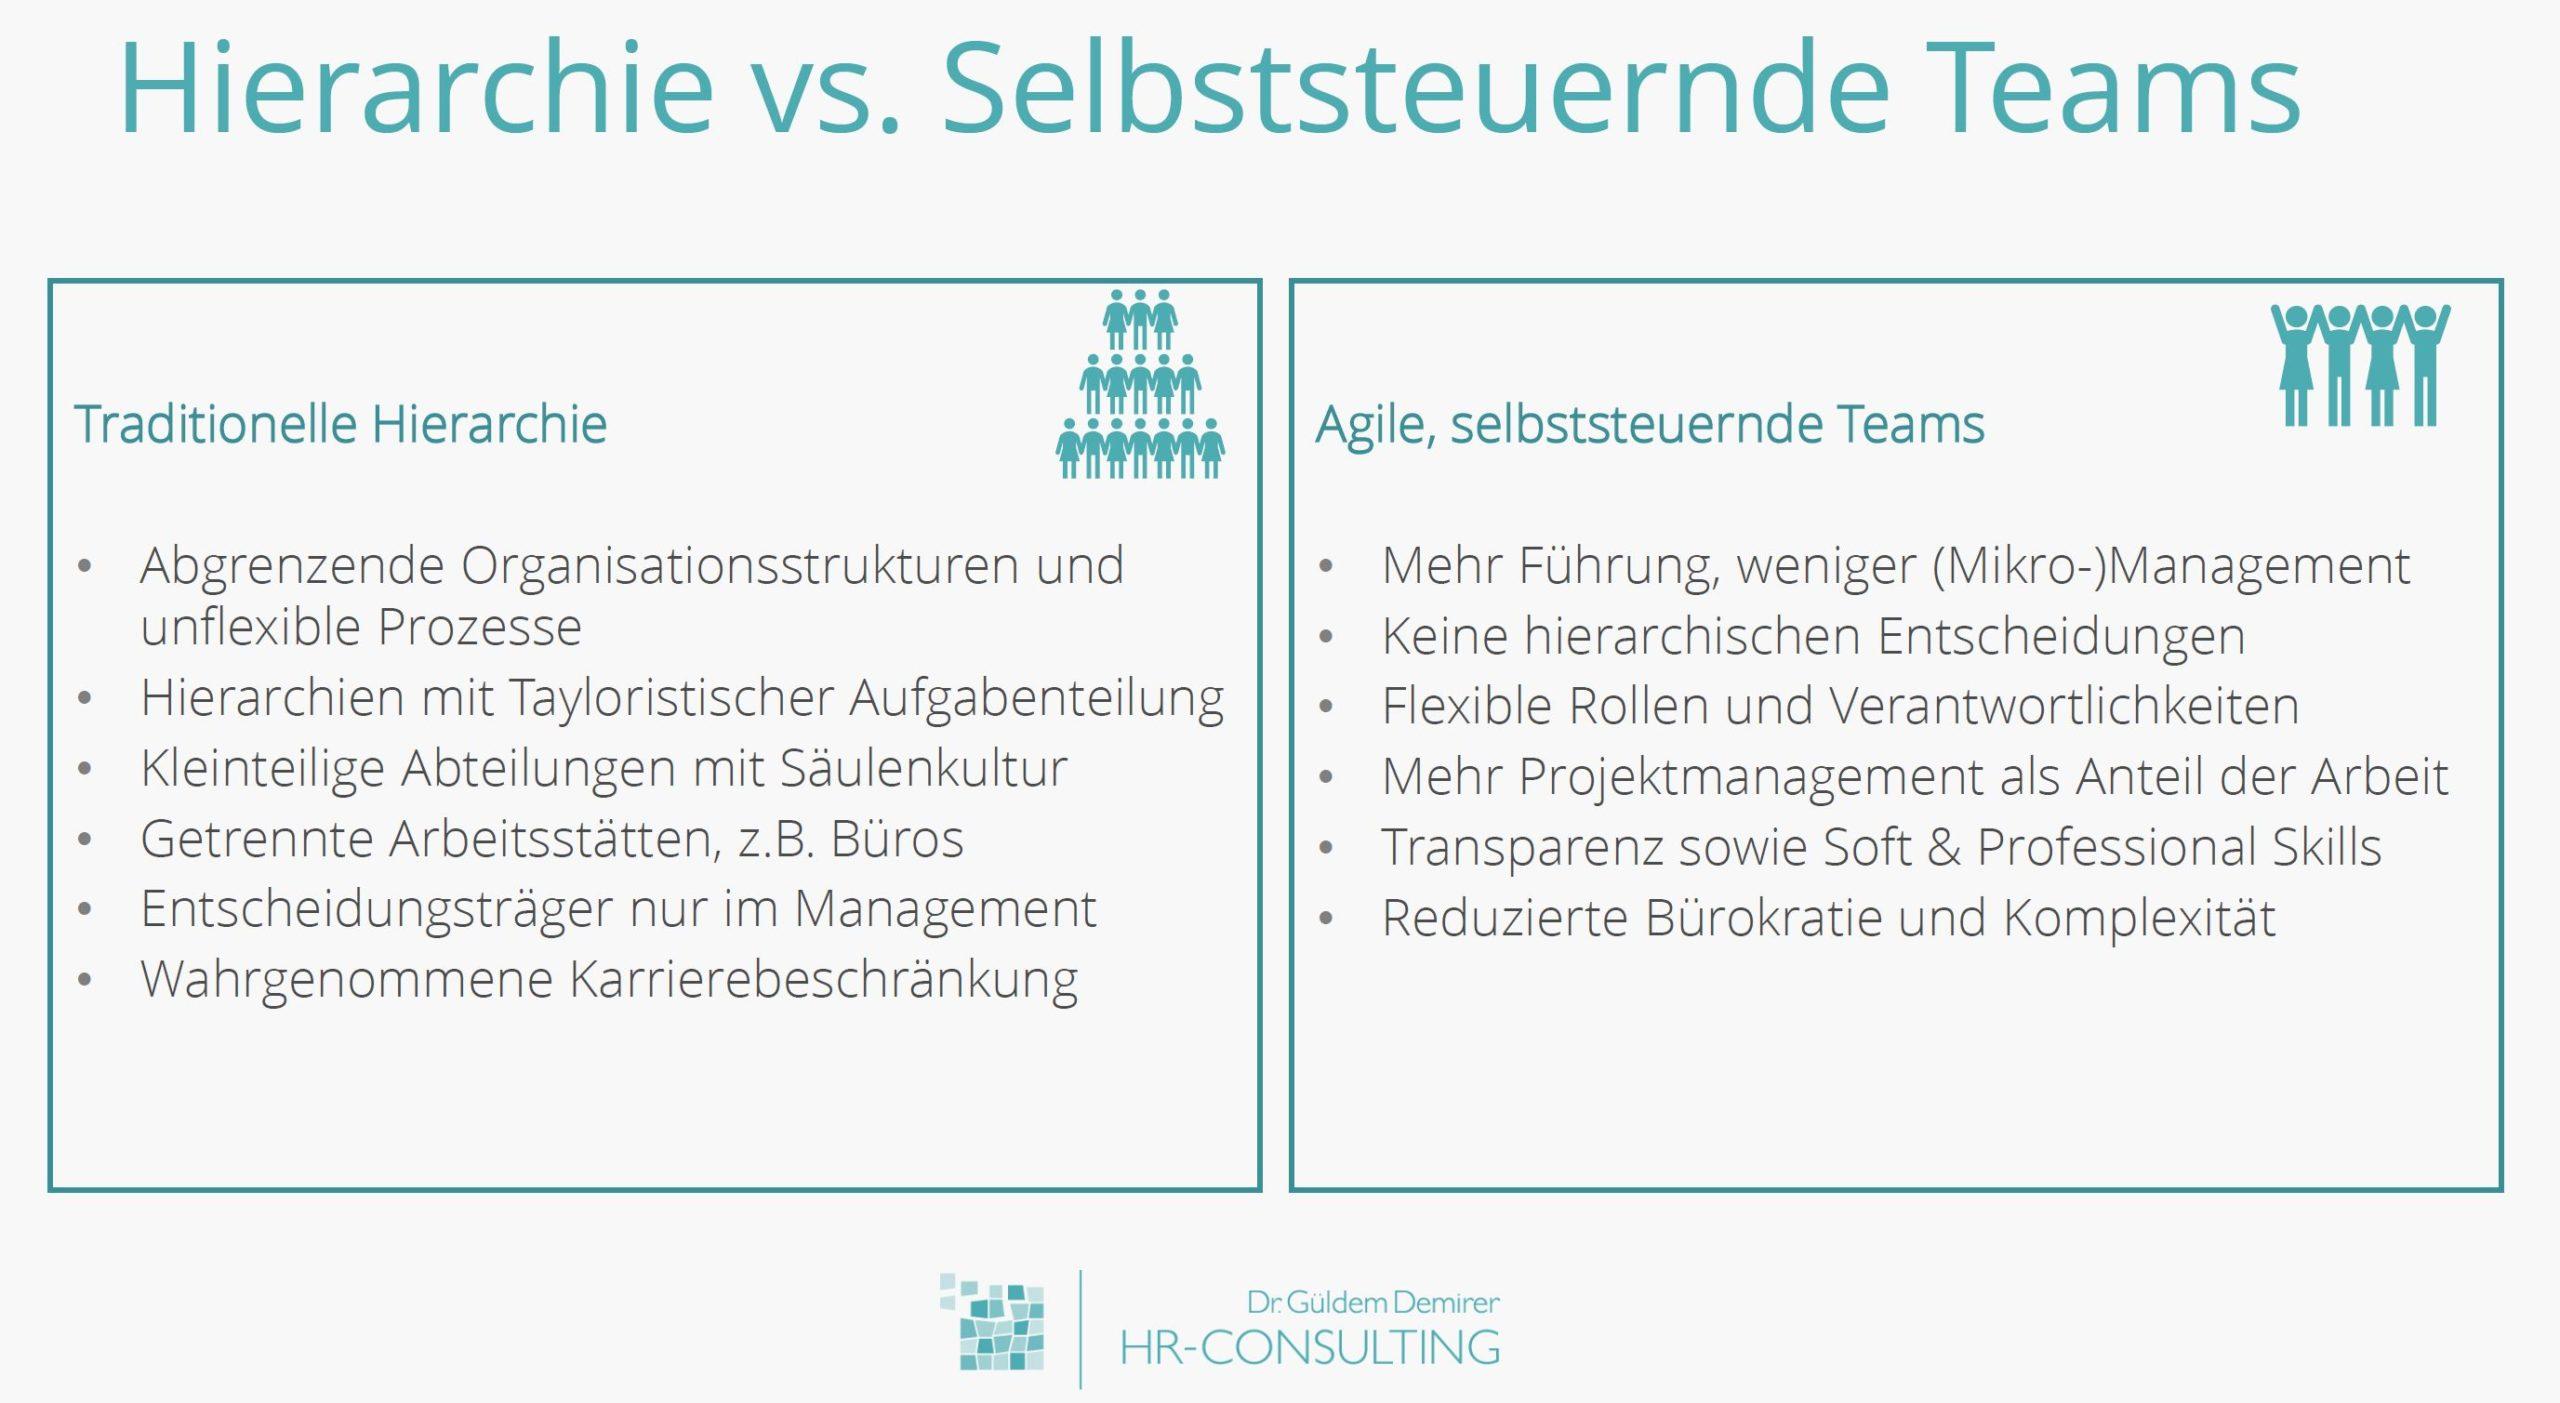 Hierarchische Aufbauorganisation und versus Selbststeuernde Teams